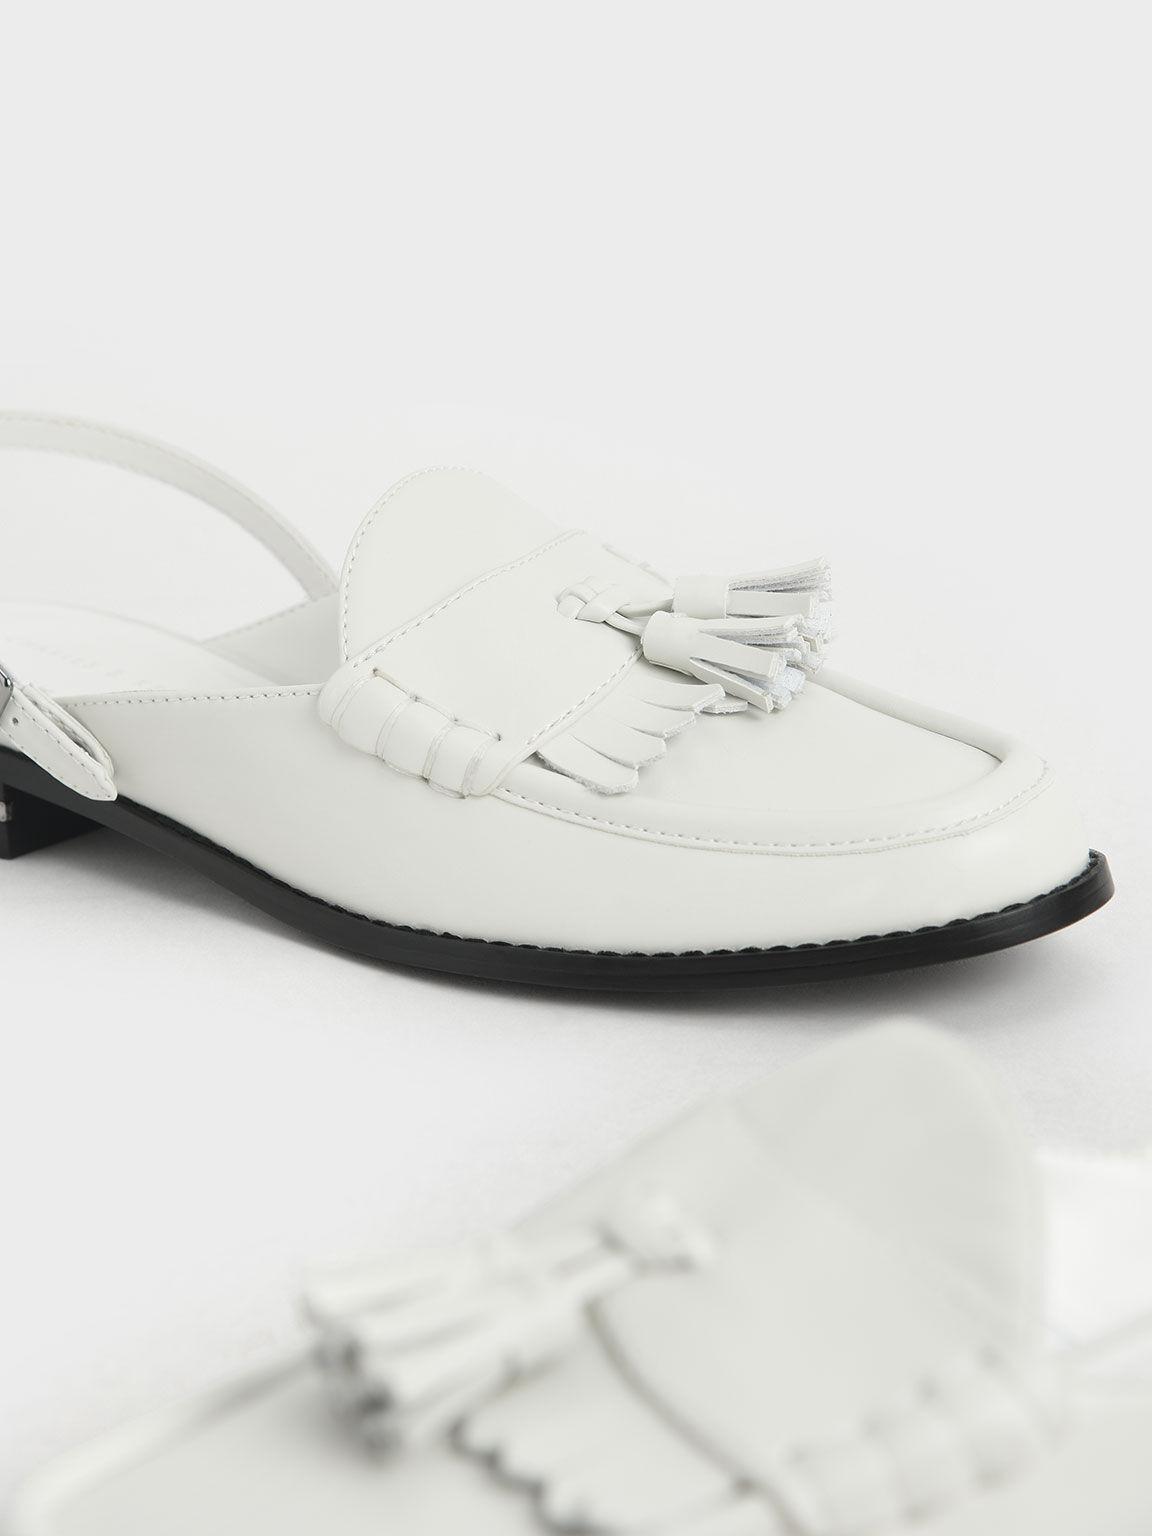 Tassel Slingback Loafer Mules, White, hi-res